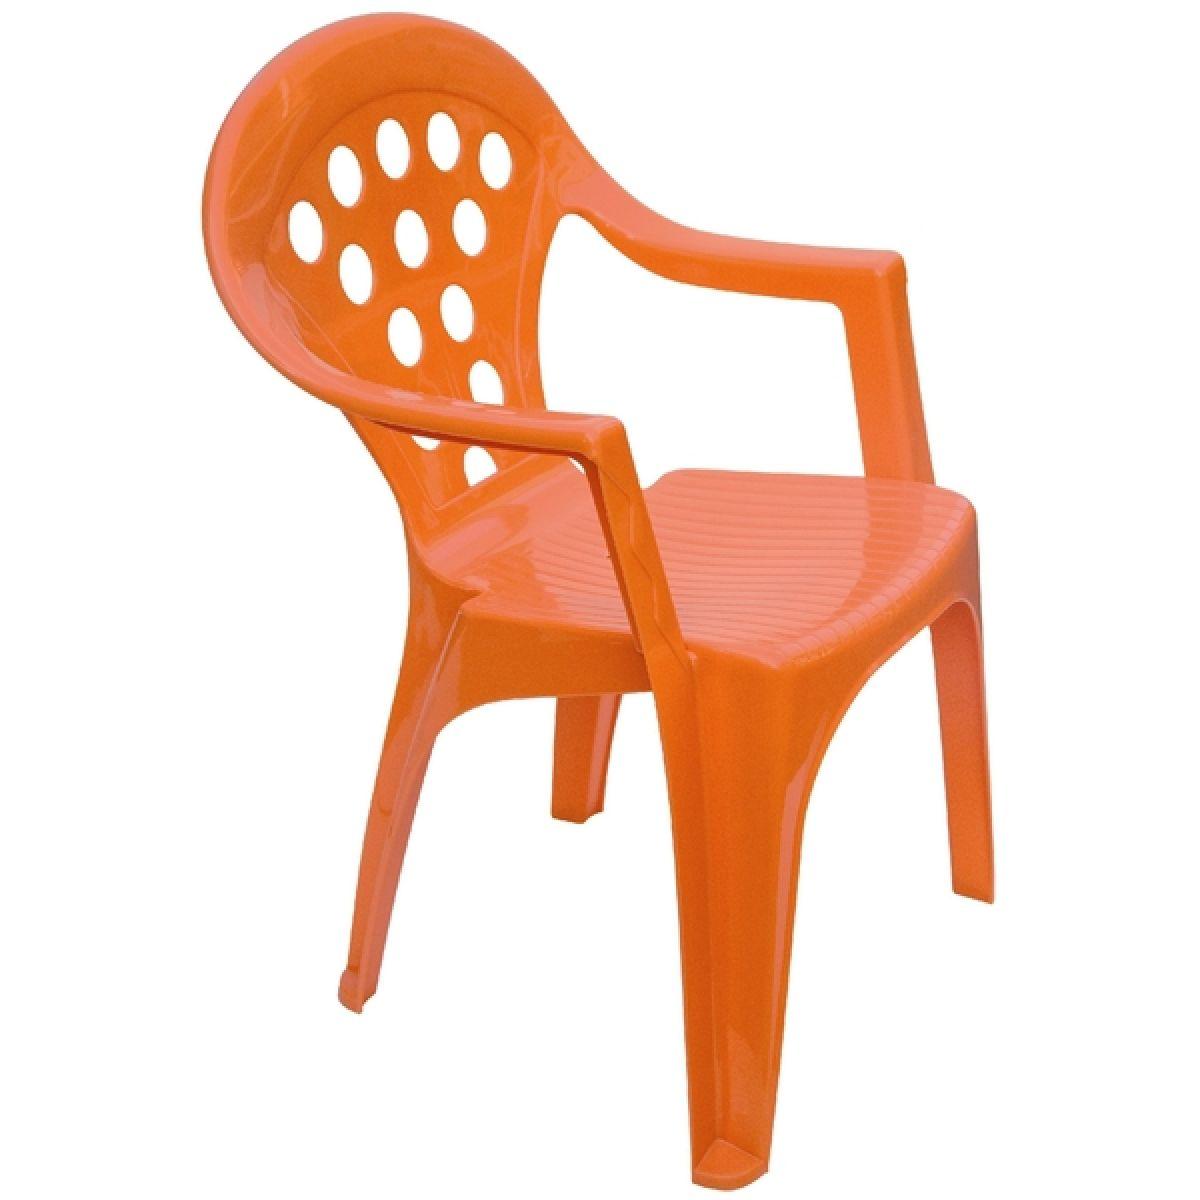 Grand Soleil Židlička dětská 56cm